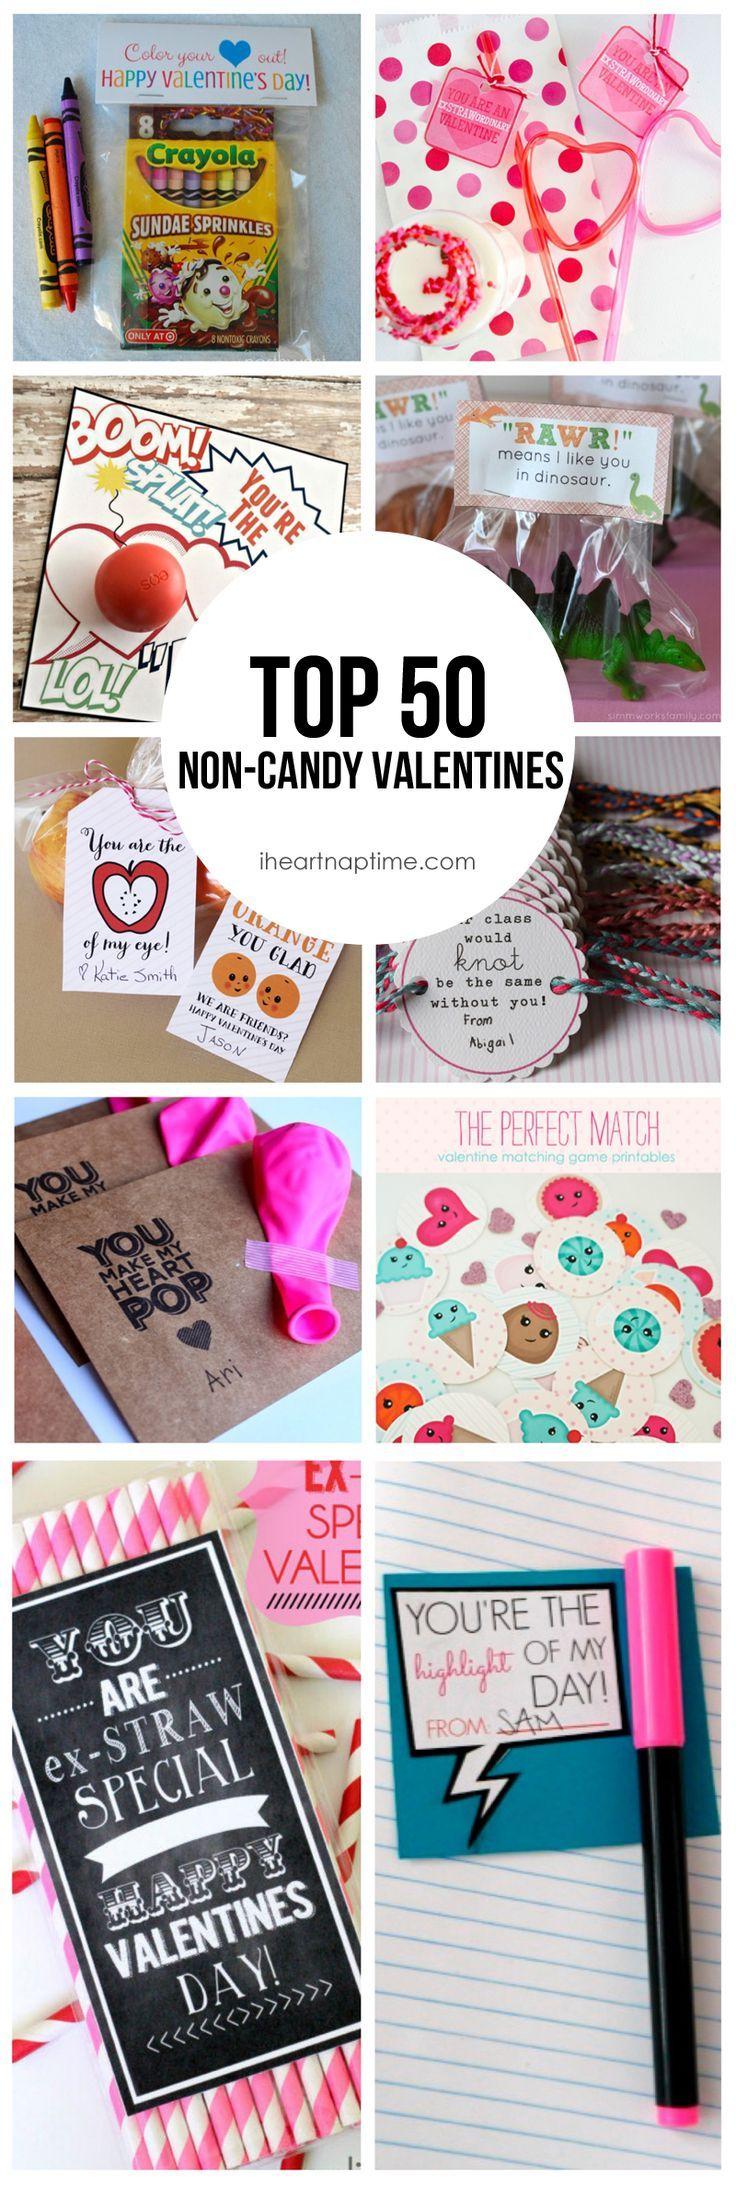 Top 50 non candy Valentine ideas 22 best